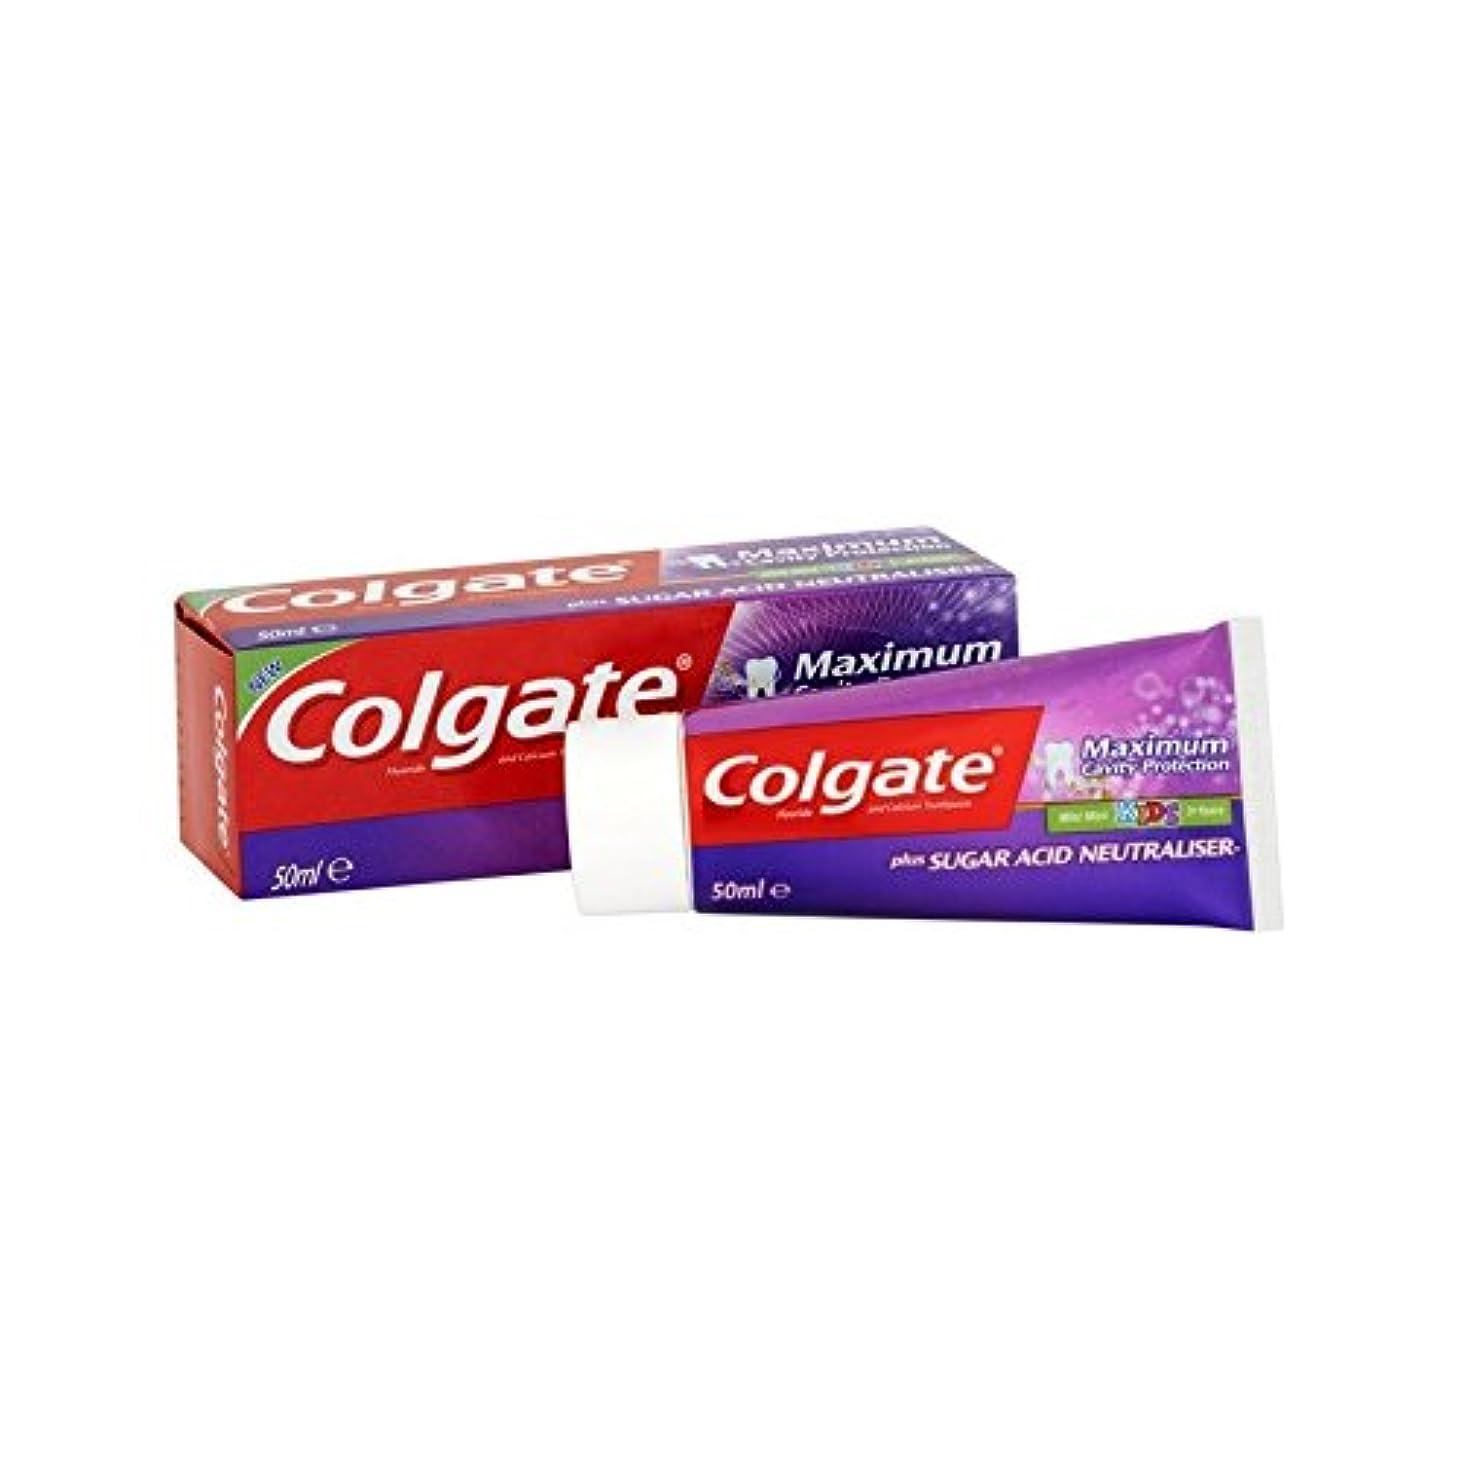 水曜日怪物ブッシュ最大空洞の子供の50ミリリットルを保護 (Colgate) (x 6) - Colgate Maximum Cavity Protect Kids 50ml (Pack of 6) [並行輸入品]